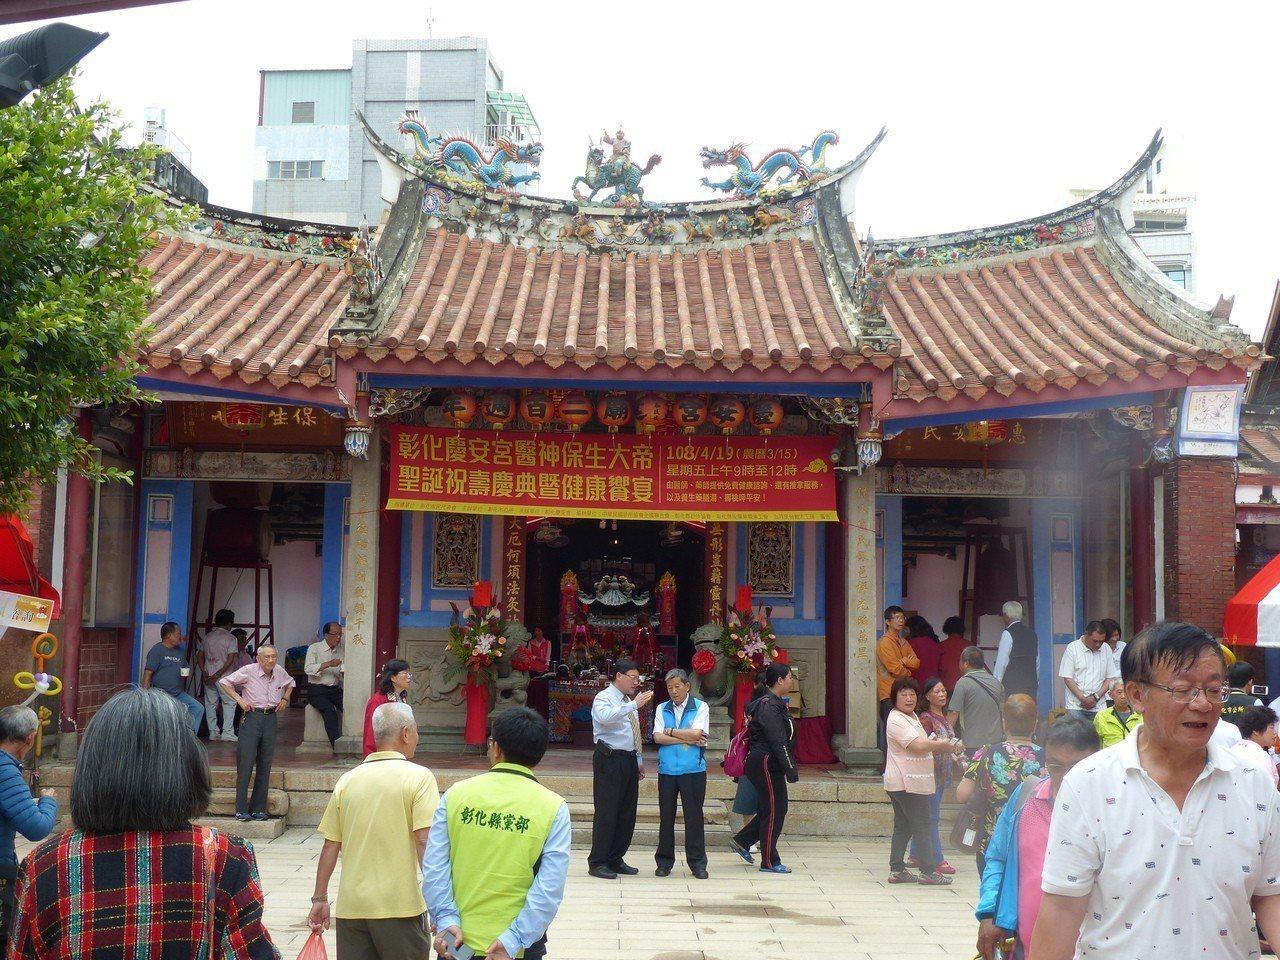 彰化慶安宮在今天農曆3月15日為保生大帝「大道公」誕辰舉辦祭典。記者劉明岩/攝影